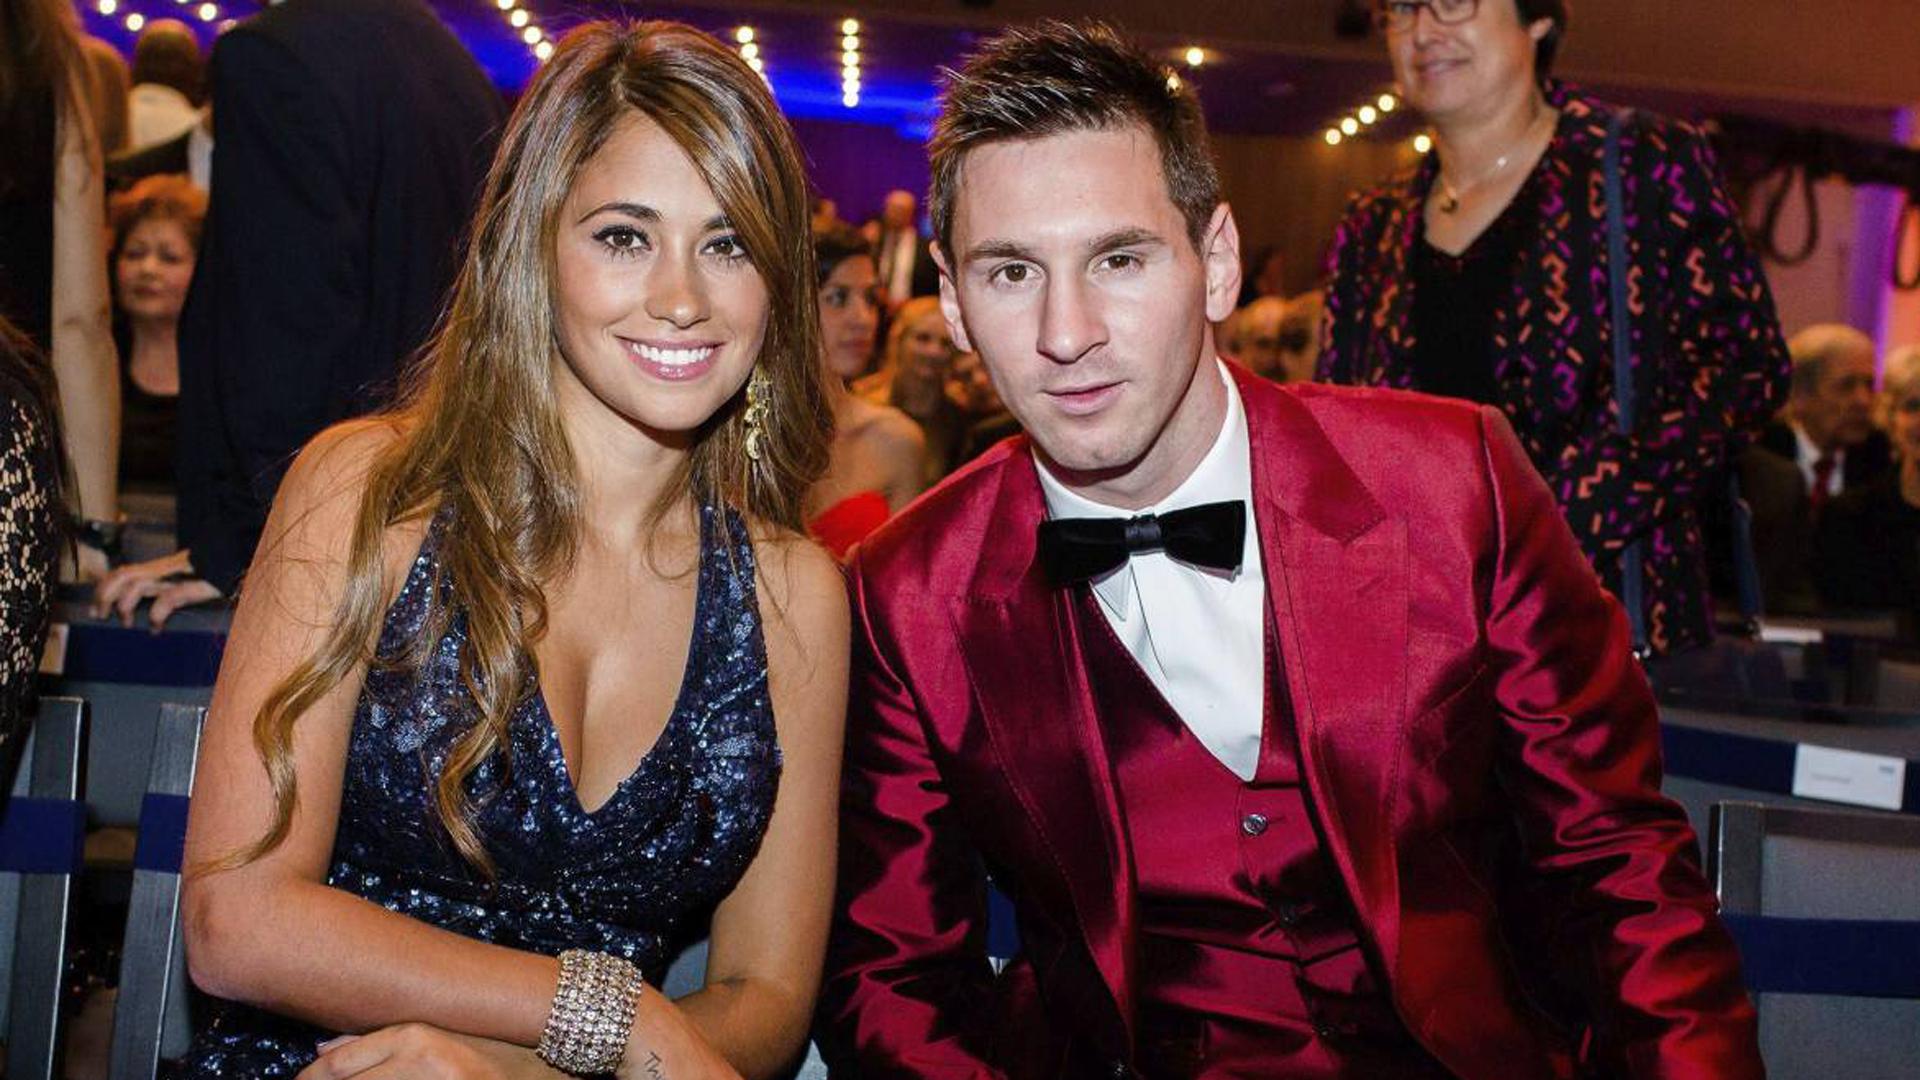 En las galas del Balón de Oro, Messi llamó la atención por sus coloridos trajes que fueron motivo de memes en las redes sociales